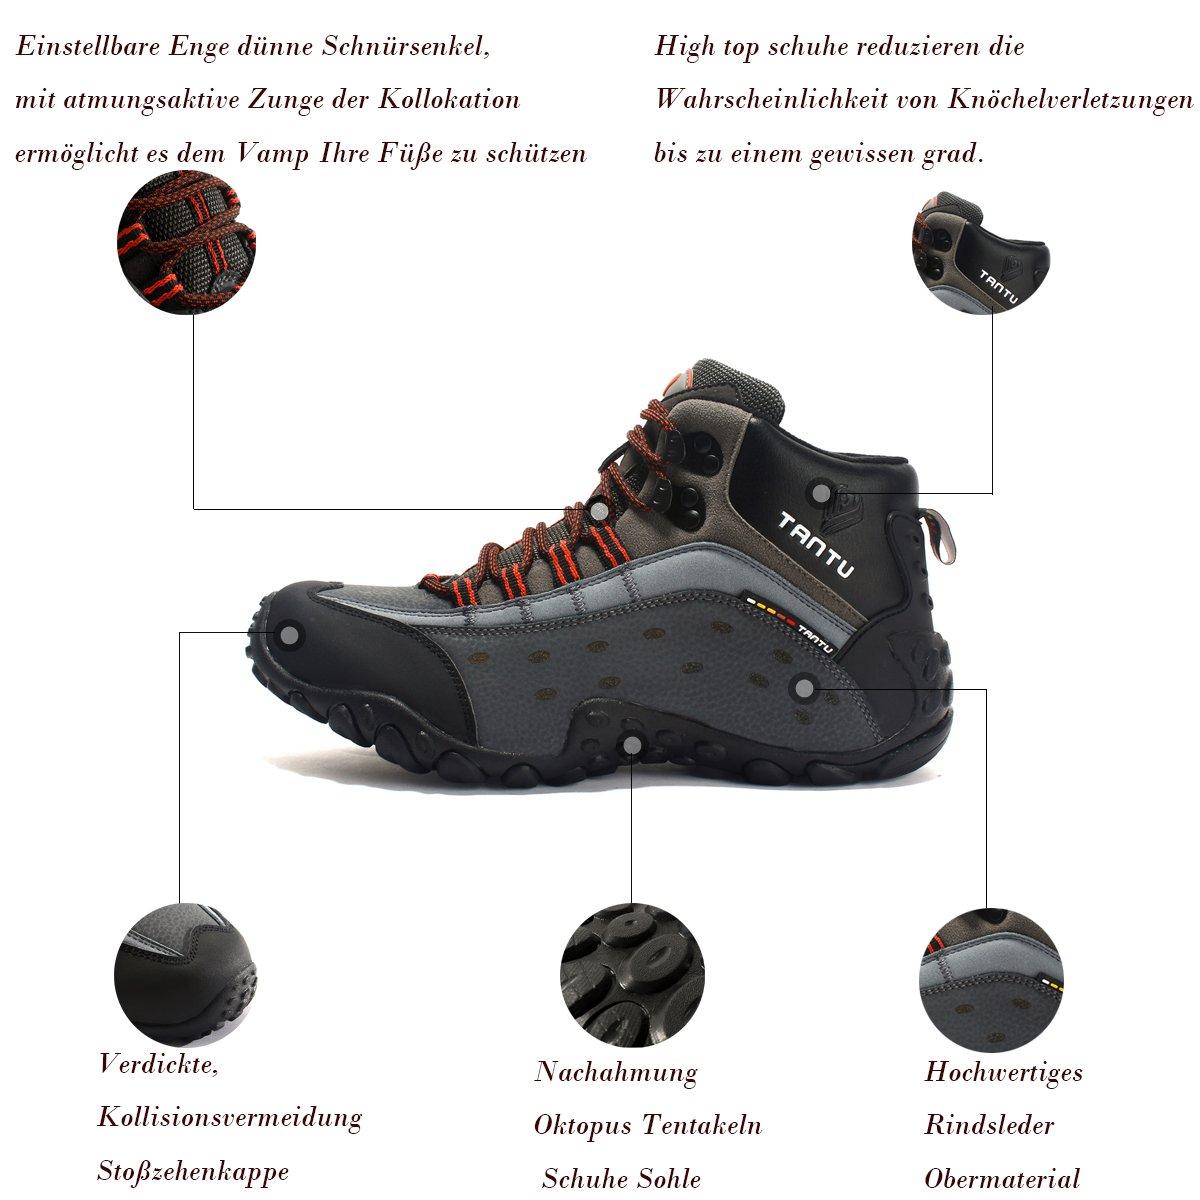 Herren Wanderschuhe Wanderschuhe Wanderschuhe Stiefel Männer Sportschuhe Outdoor Trekking Schuhe High Wanderstiefel Hike Outdoorschuhe Wanderhalbschuhe 636d39